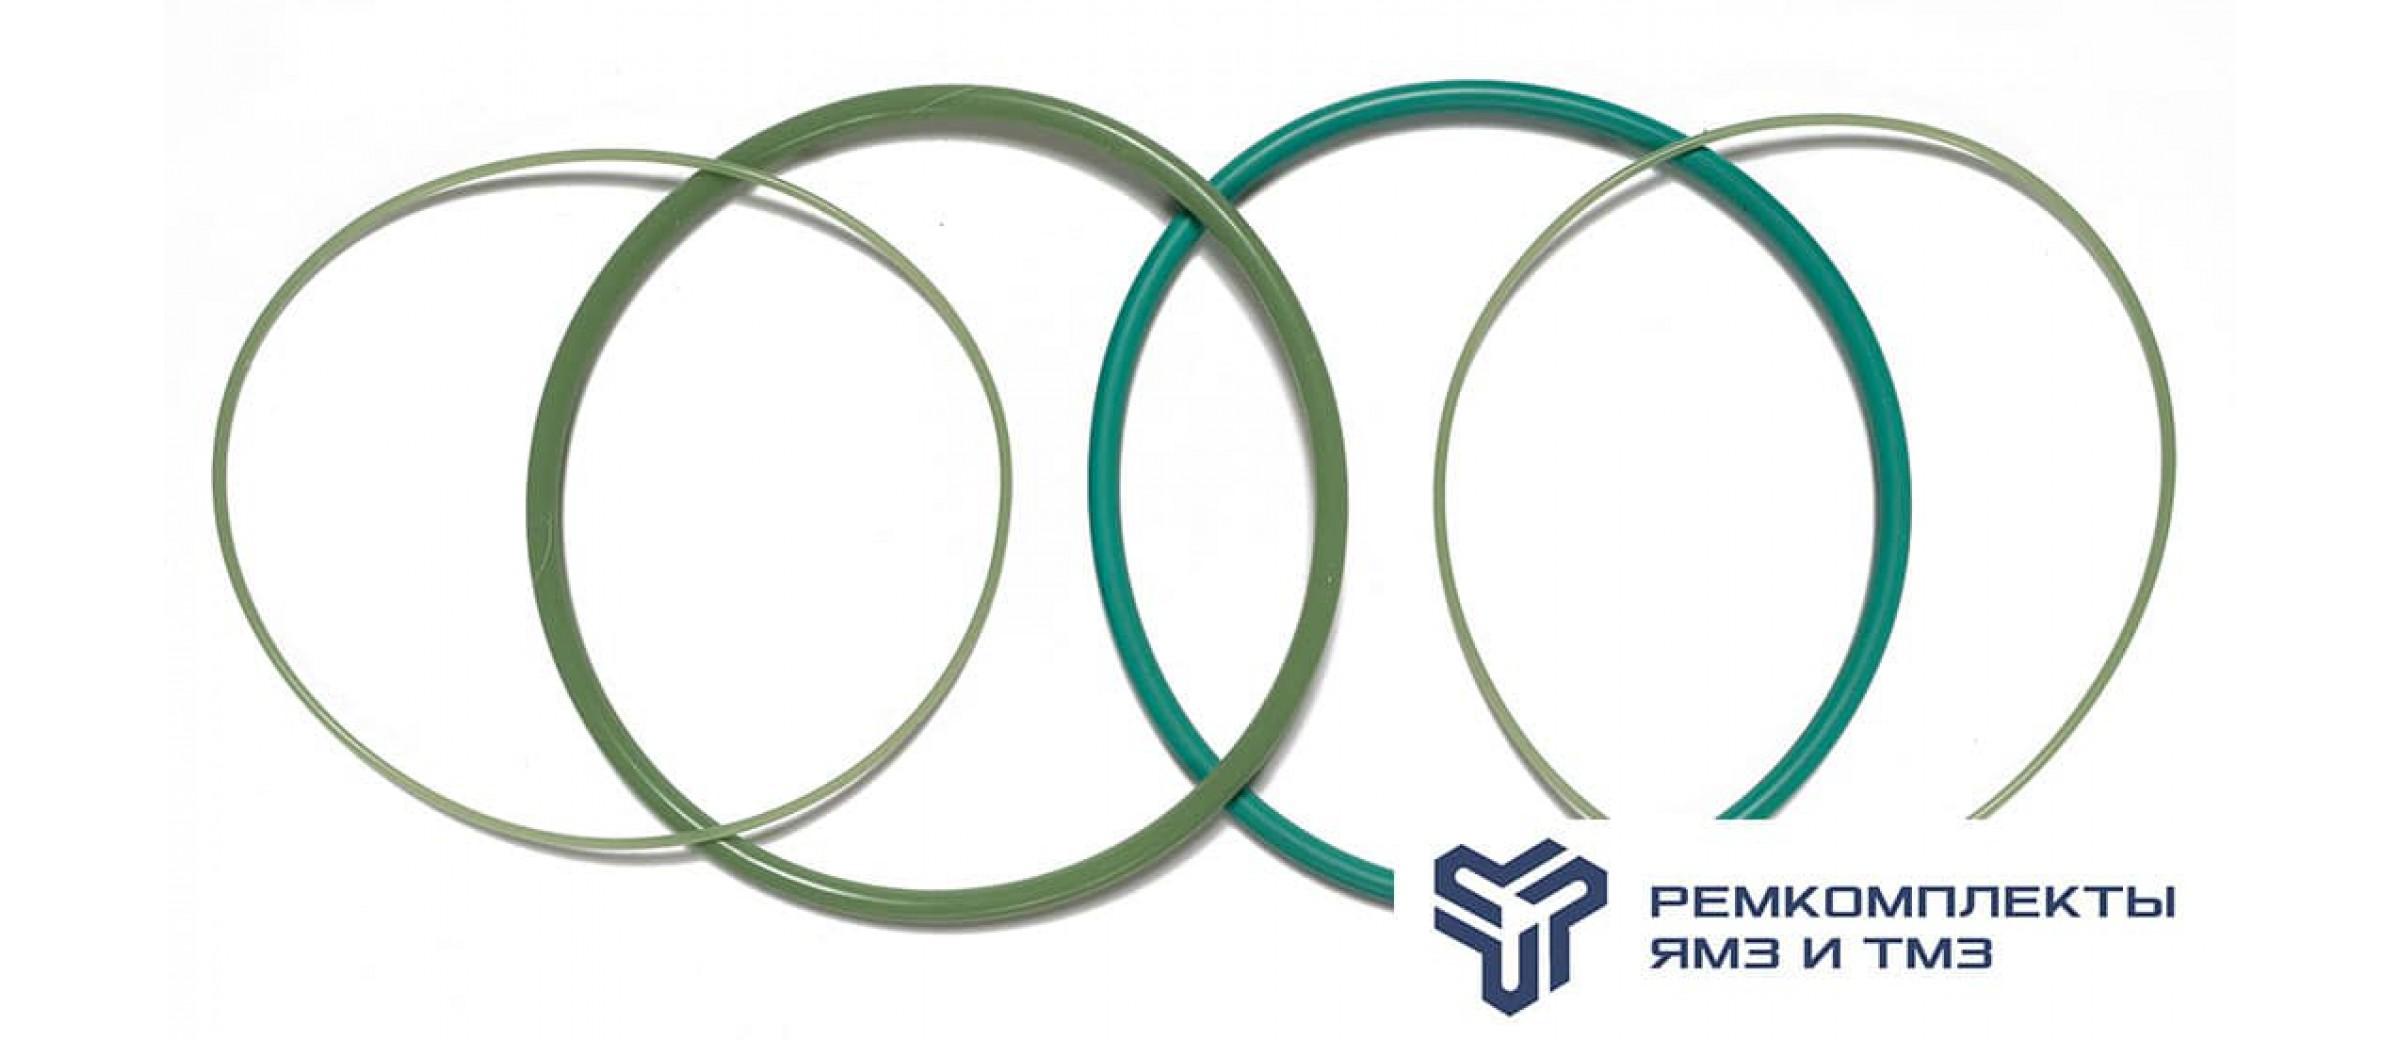 Комплект уплотнительных колец гильзы (1гильза)